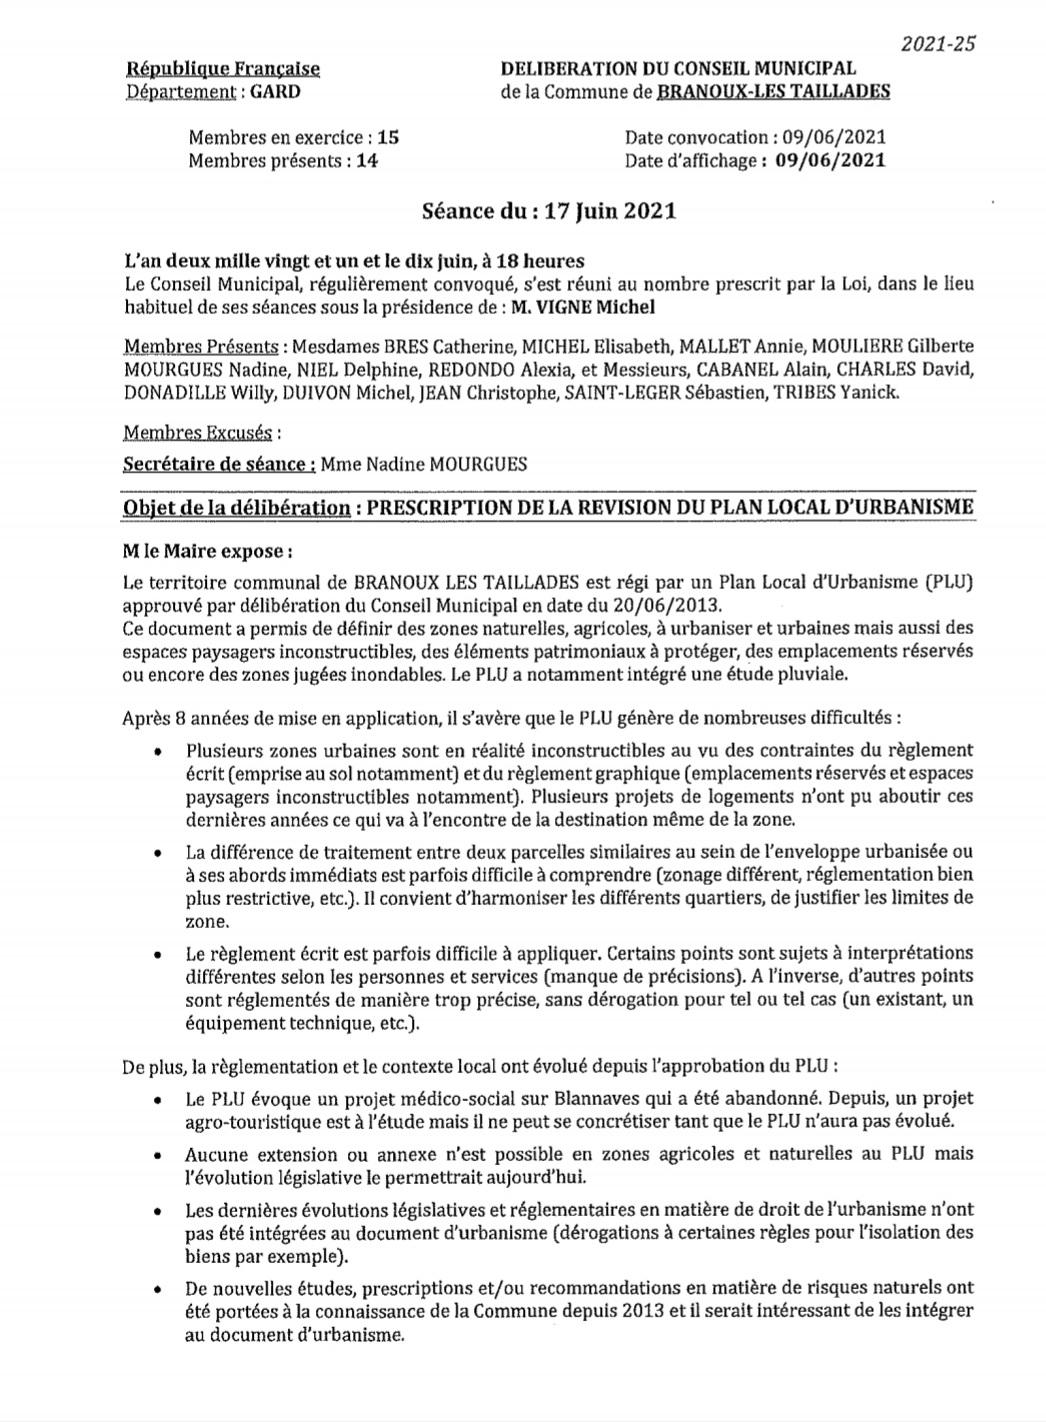 Délib révision PLU p1